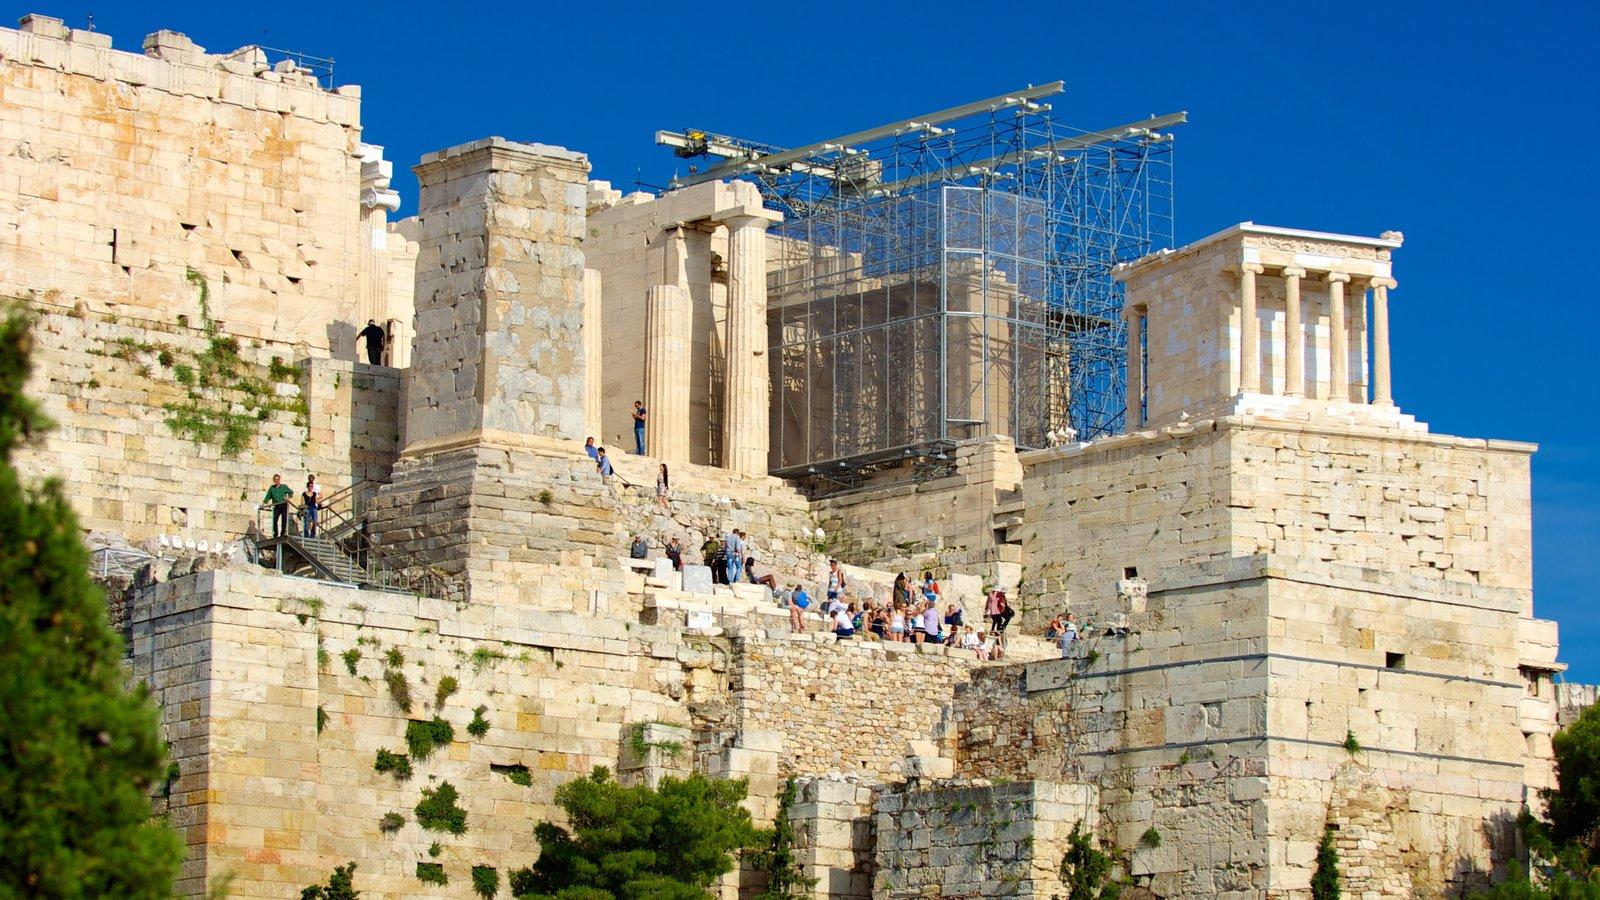 Acrópole que inclui uma ruína, elementos de patrimônio e arquitetura de patrimônio